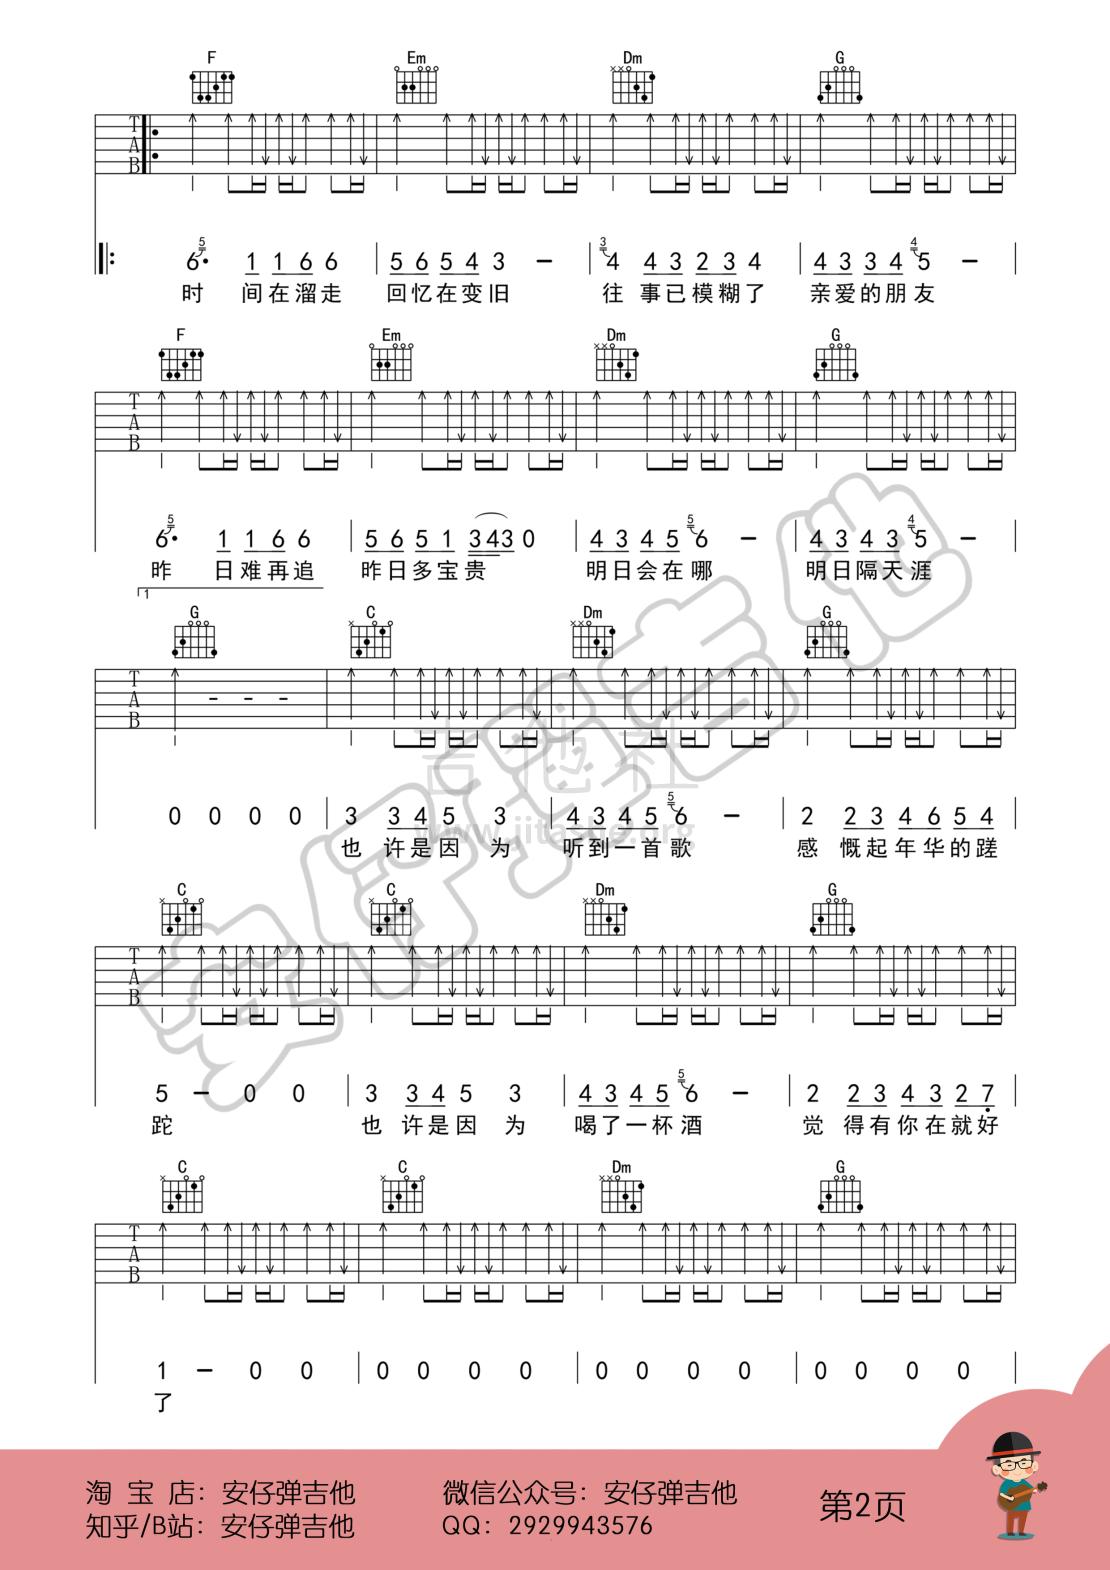 明日隔天涯(弹唱谱+示范+教学【安仔弹吉他】)吉他谱(图片谱,弹唱,教学)_好妹妹_明日隔天涯02.png